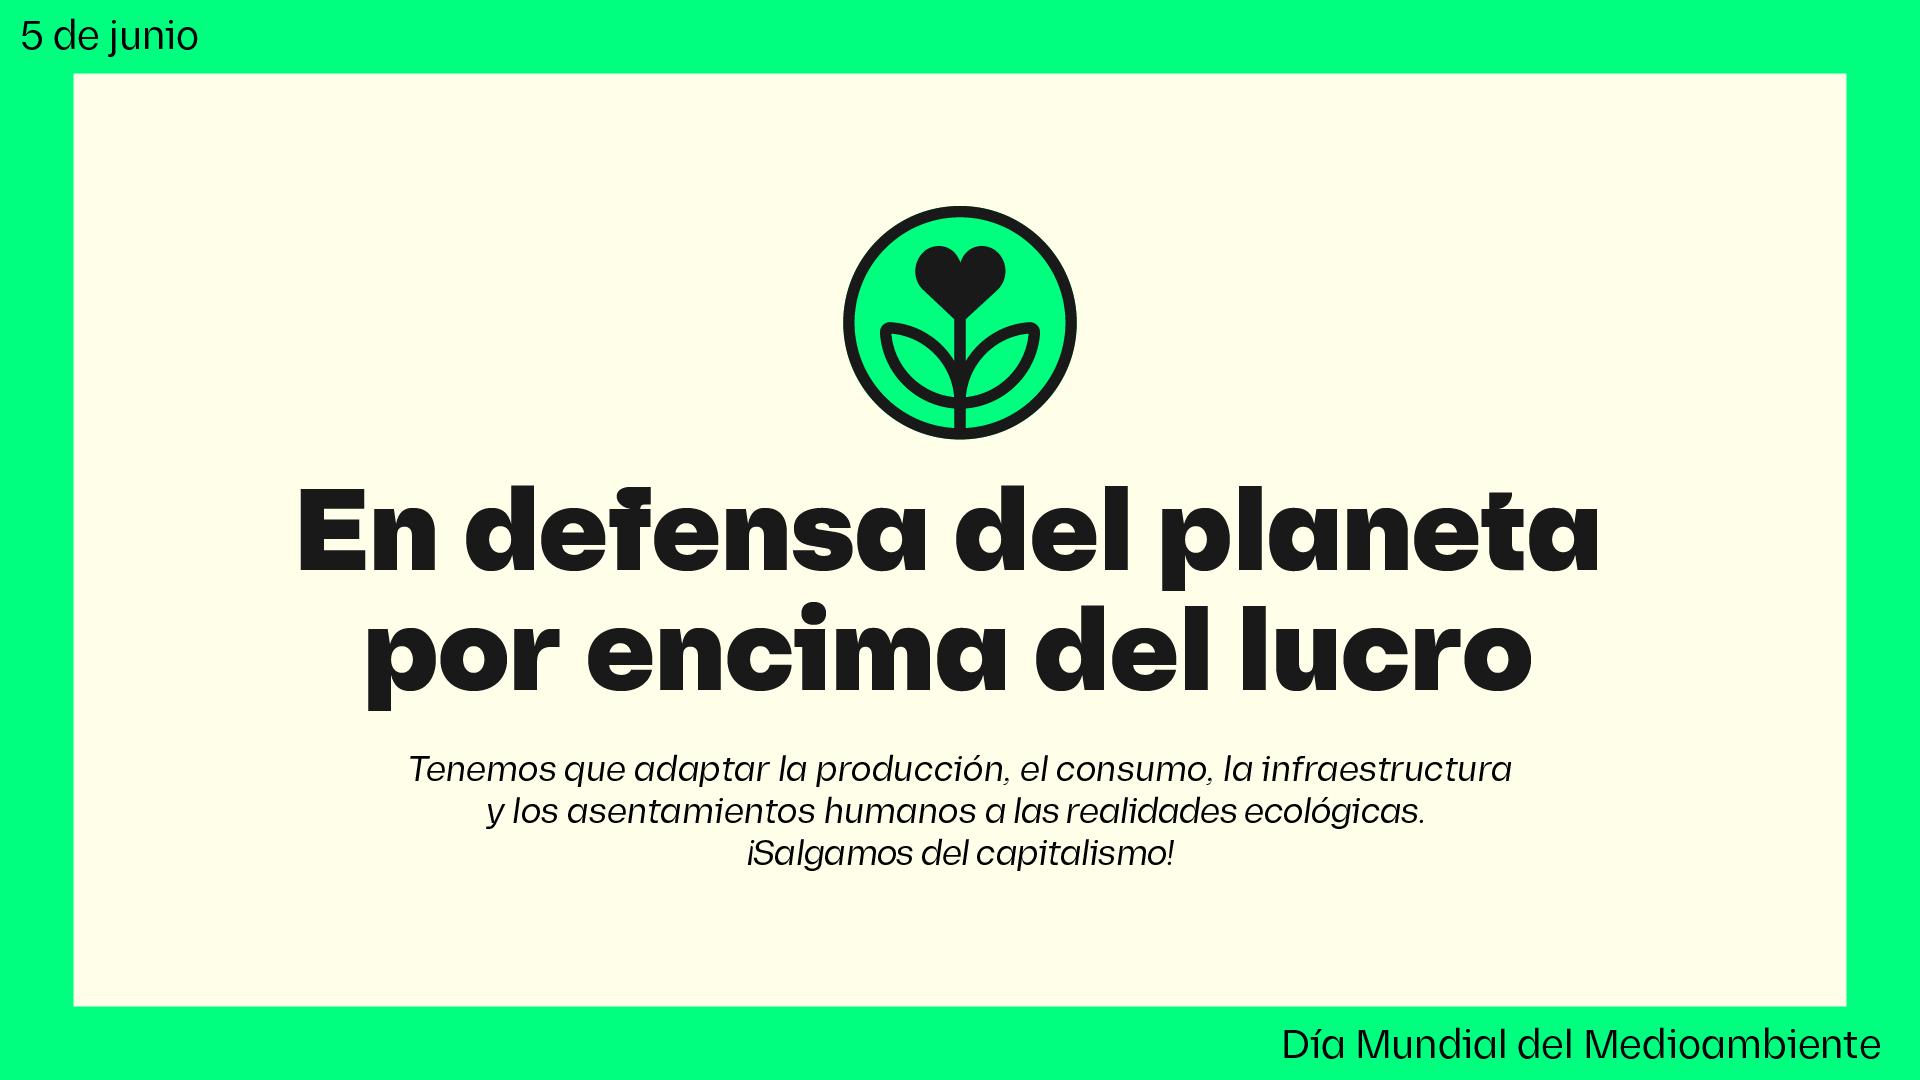 Manifiesto Antiimperialista en Defensa del Medio Ambiente